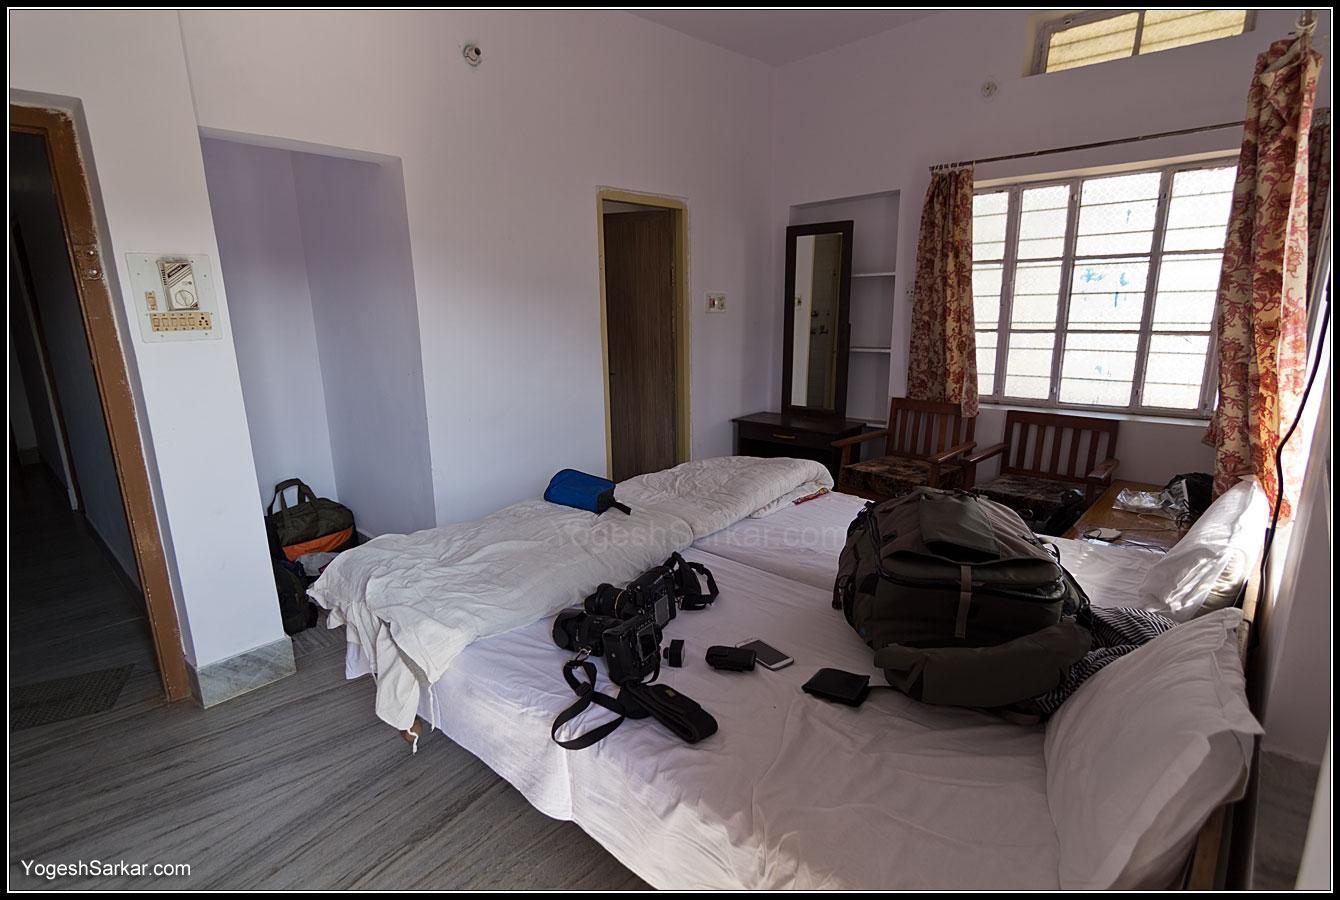 raghav-resort-room.jpg